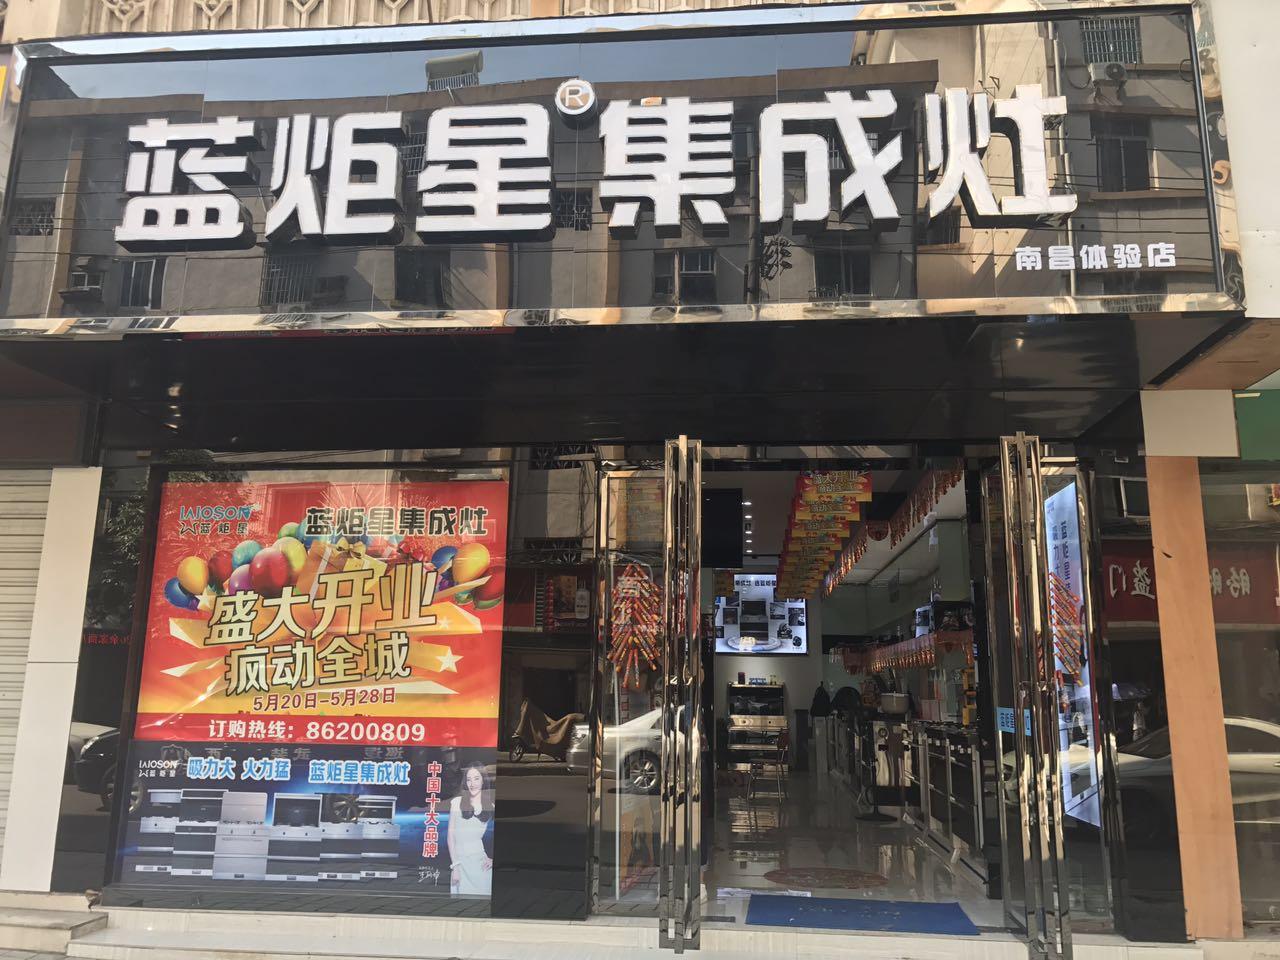 蓝炬星集成灶江西南昌专卖店